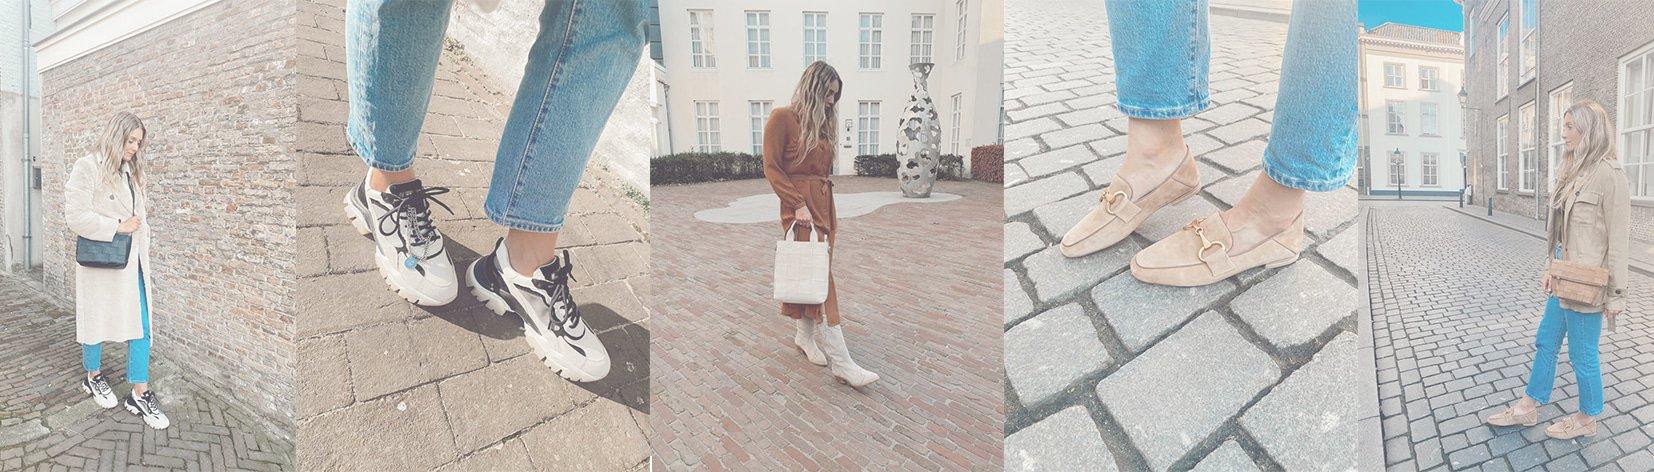 Match jouw voorjaarsschoenen met je outfit